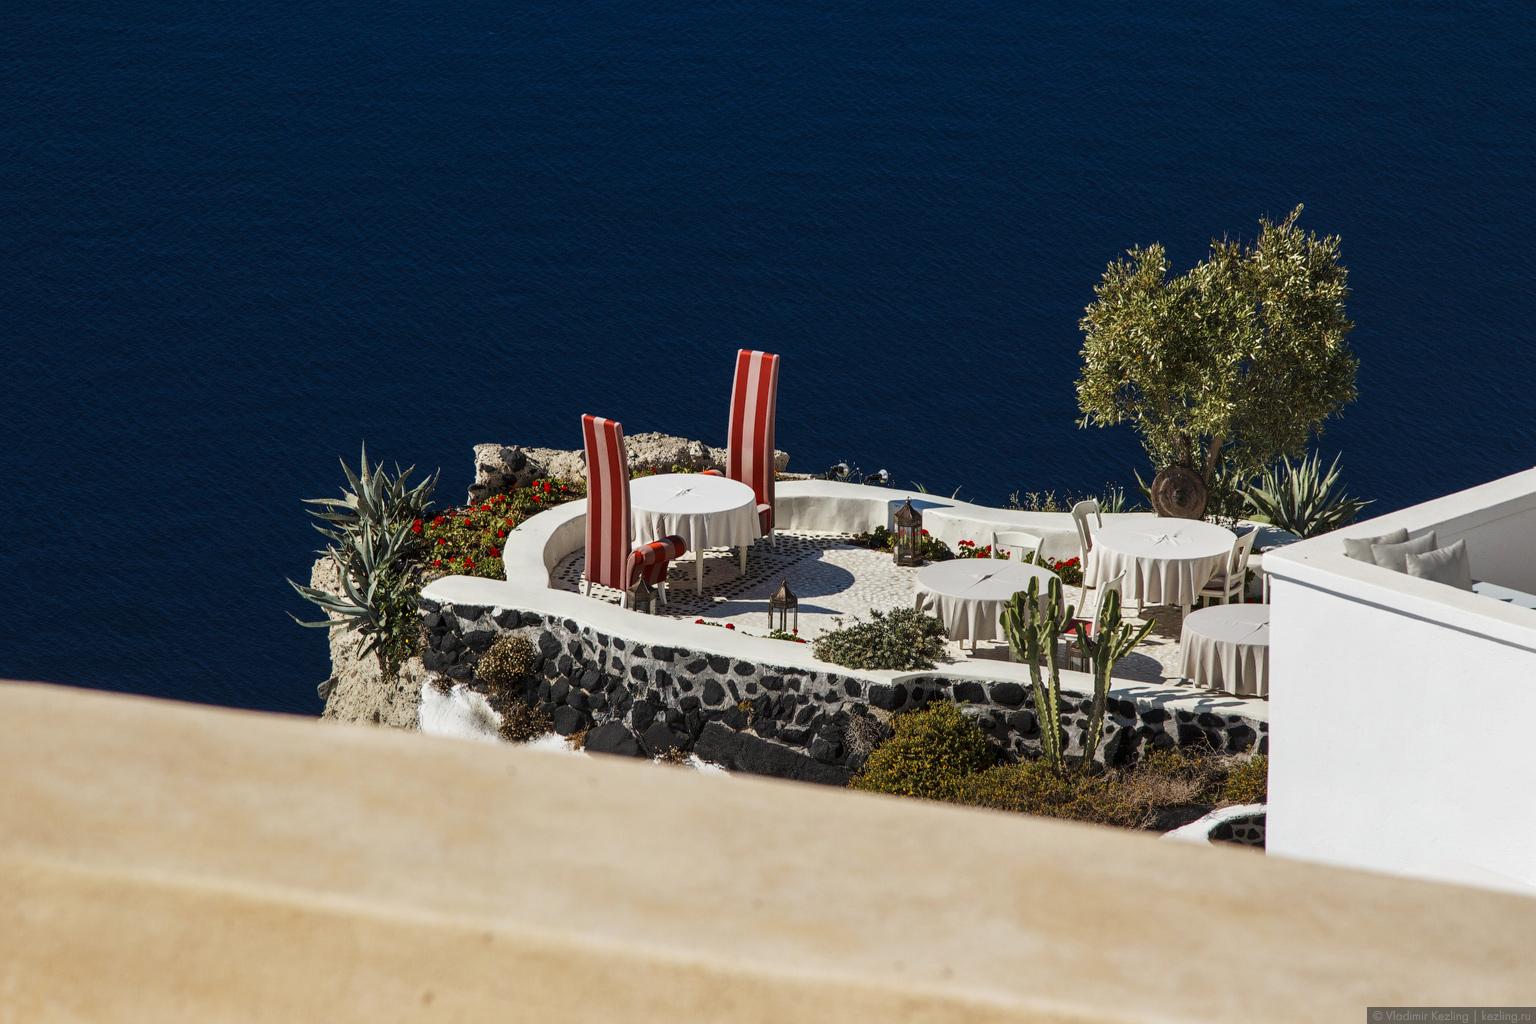 Контрасты греческих островов. Санторини. Сочные картинки из Ии